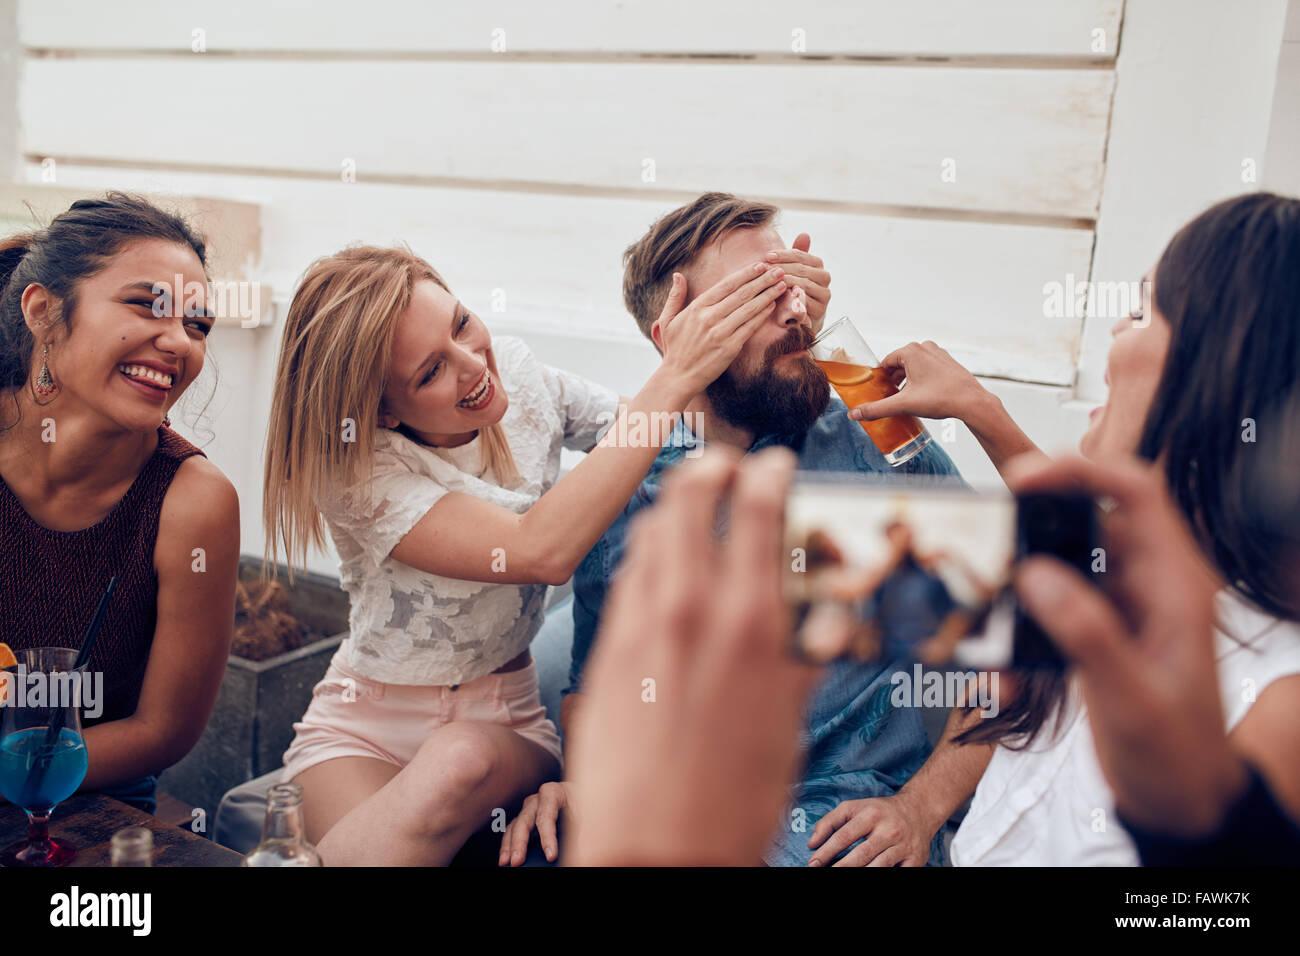 Jeunes amis s'amusant à partie photographiée avec téléphone mobile. Les jeunes gens assis Photo Stock